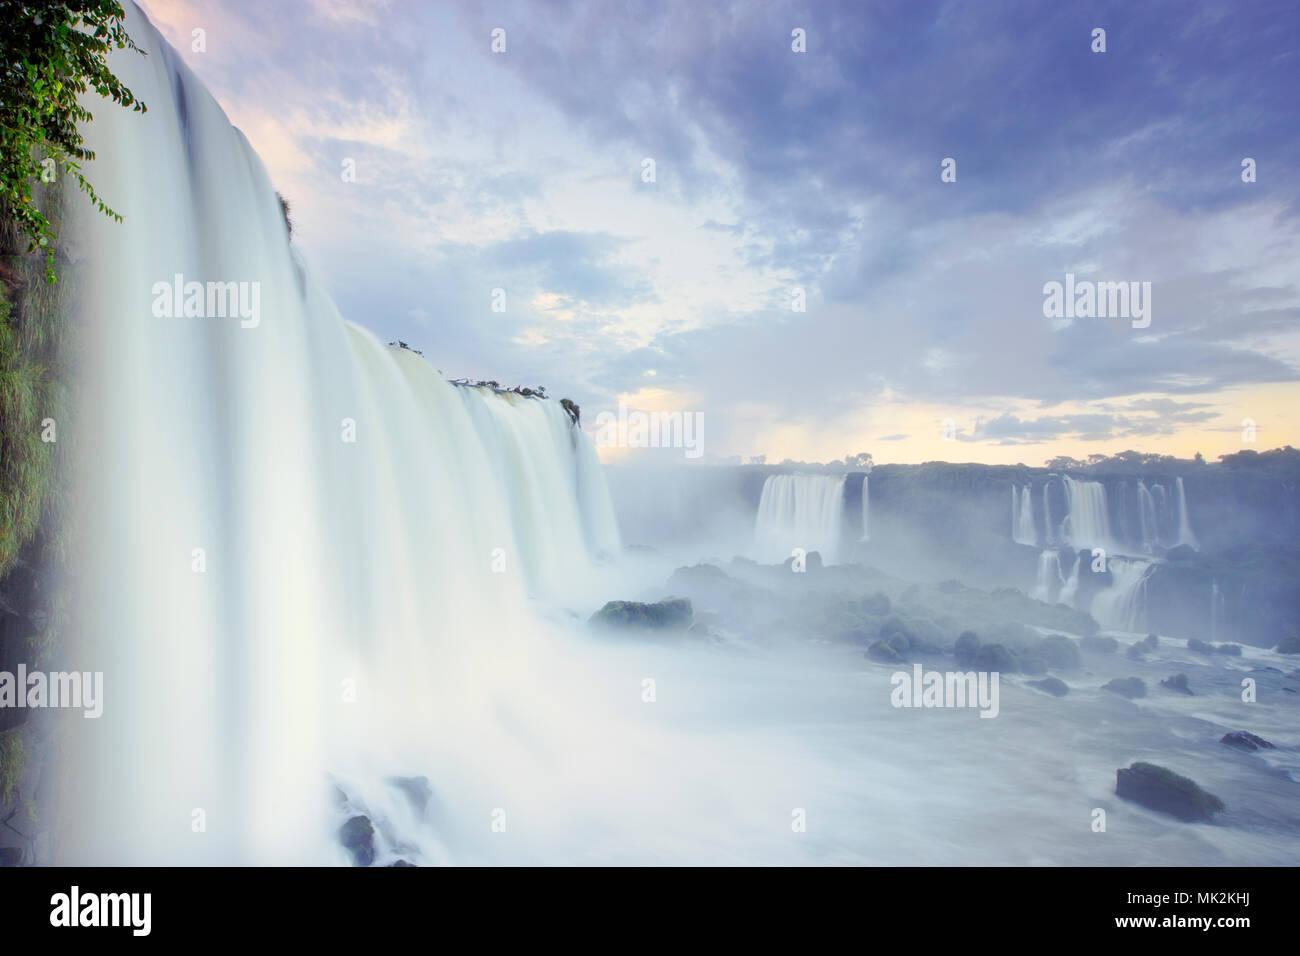 Den Iguassu oder Iguacu falls - der weltweit größten Wasserfall system an der Grenze von Brasilien eine Argentinien Stockfoto